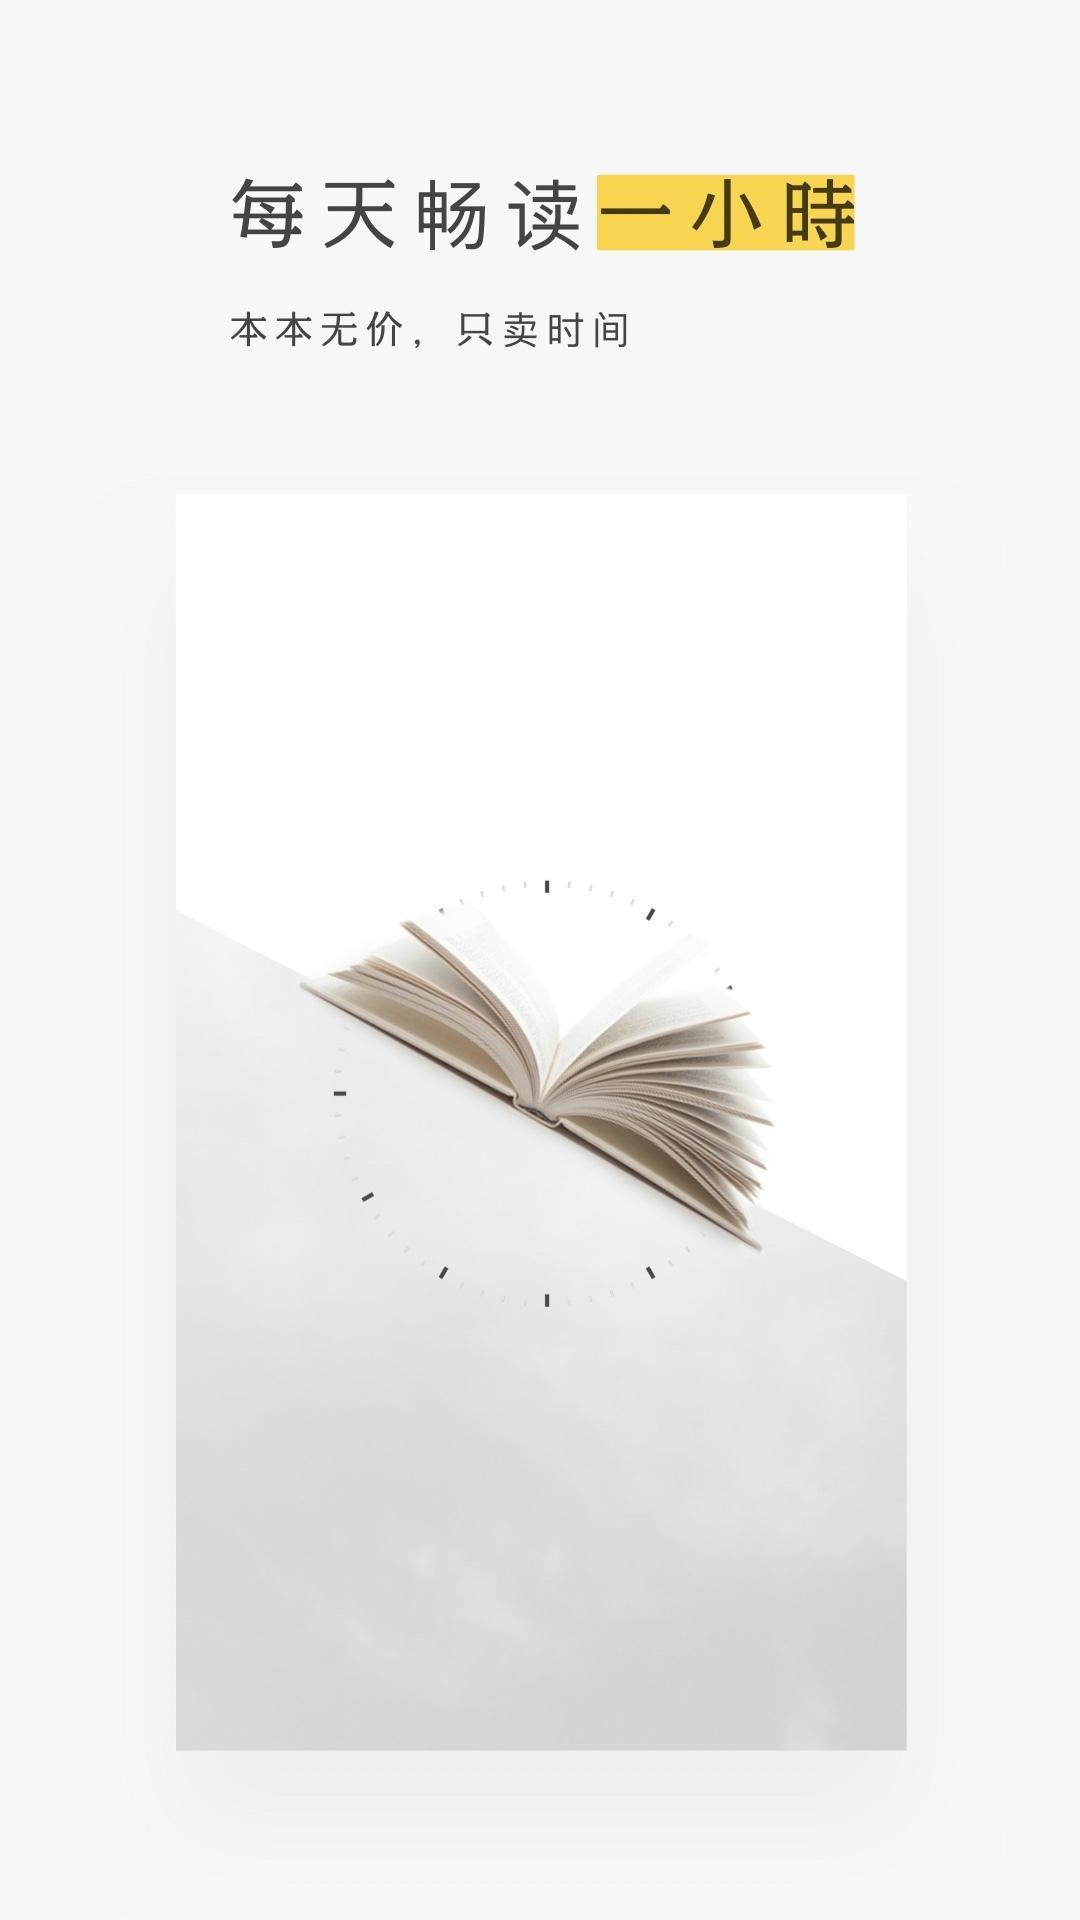 网易蜗牛读书软件截图0